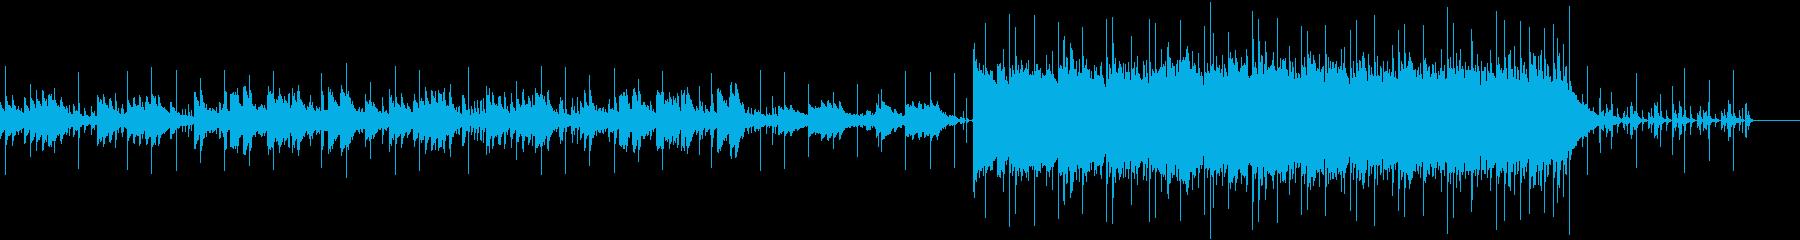 動画 サスペンス 静か クール フ...の再生済みの波形